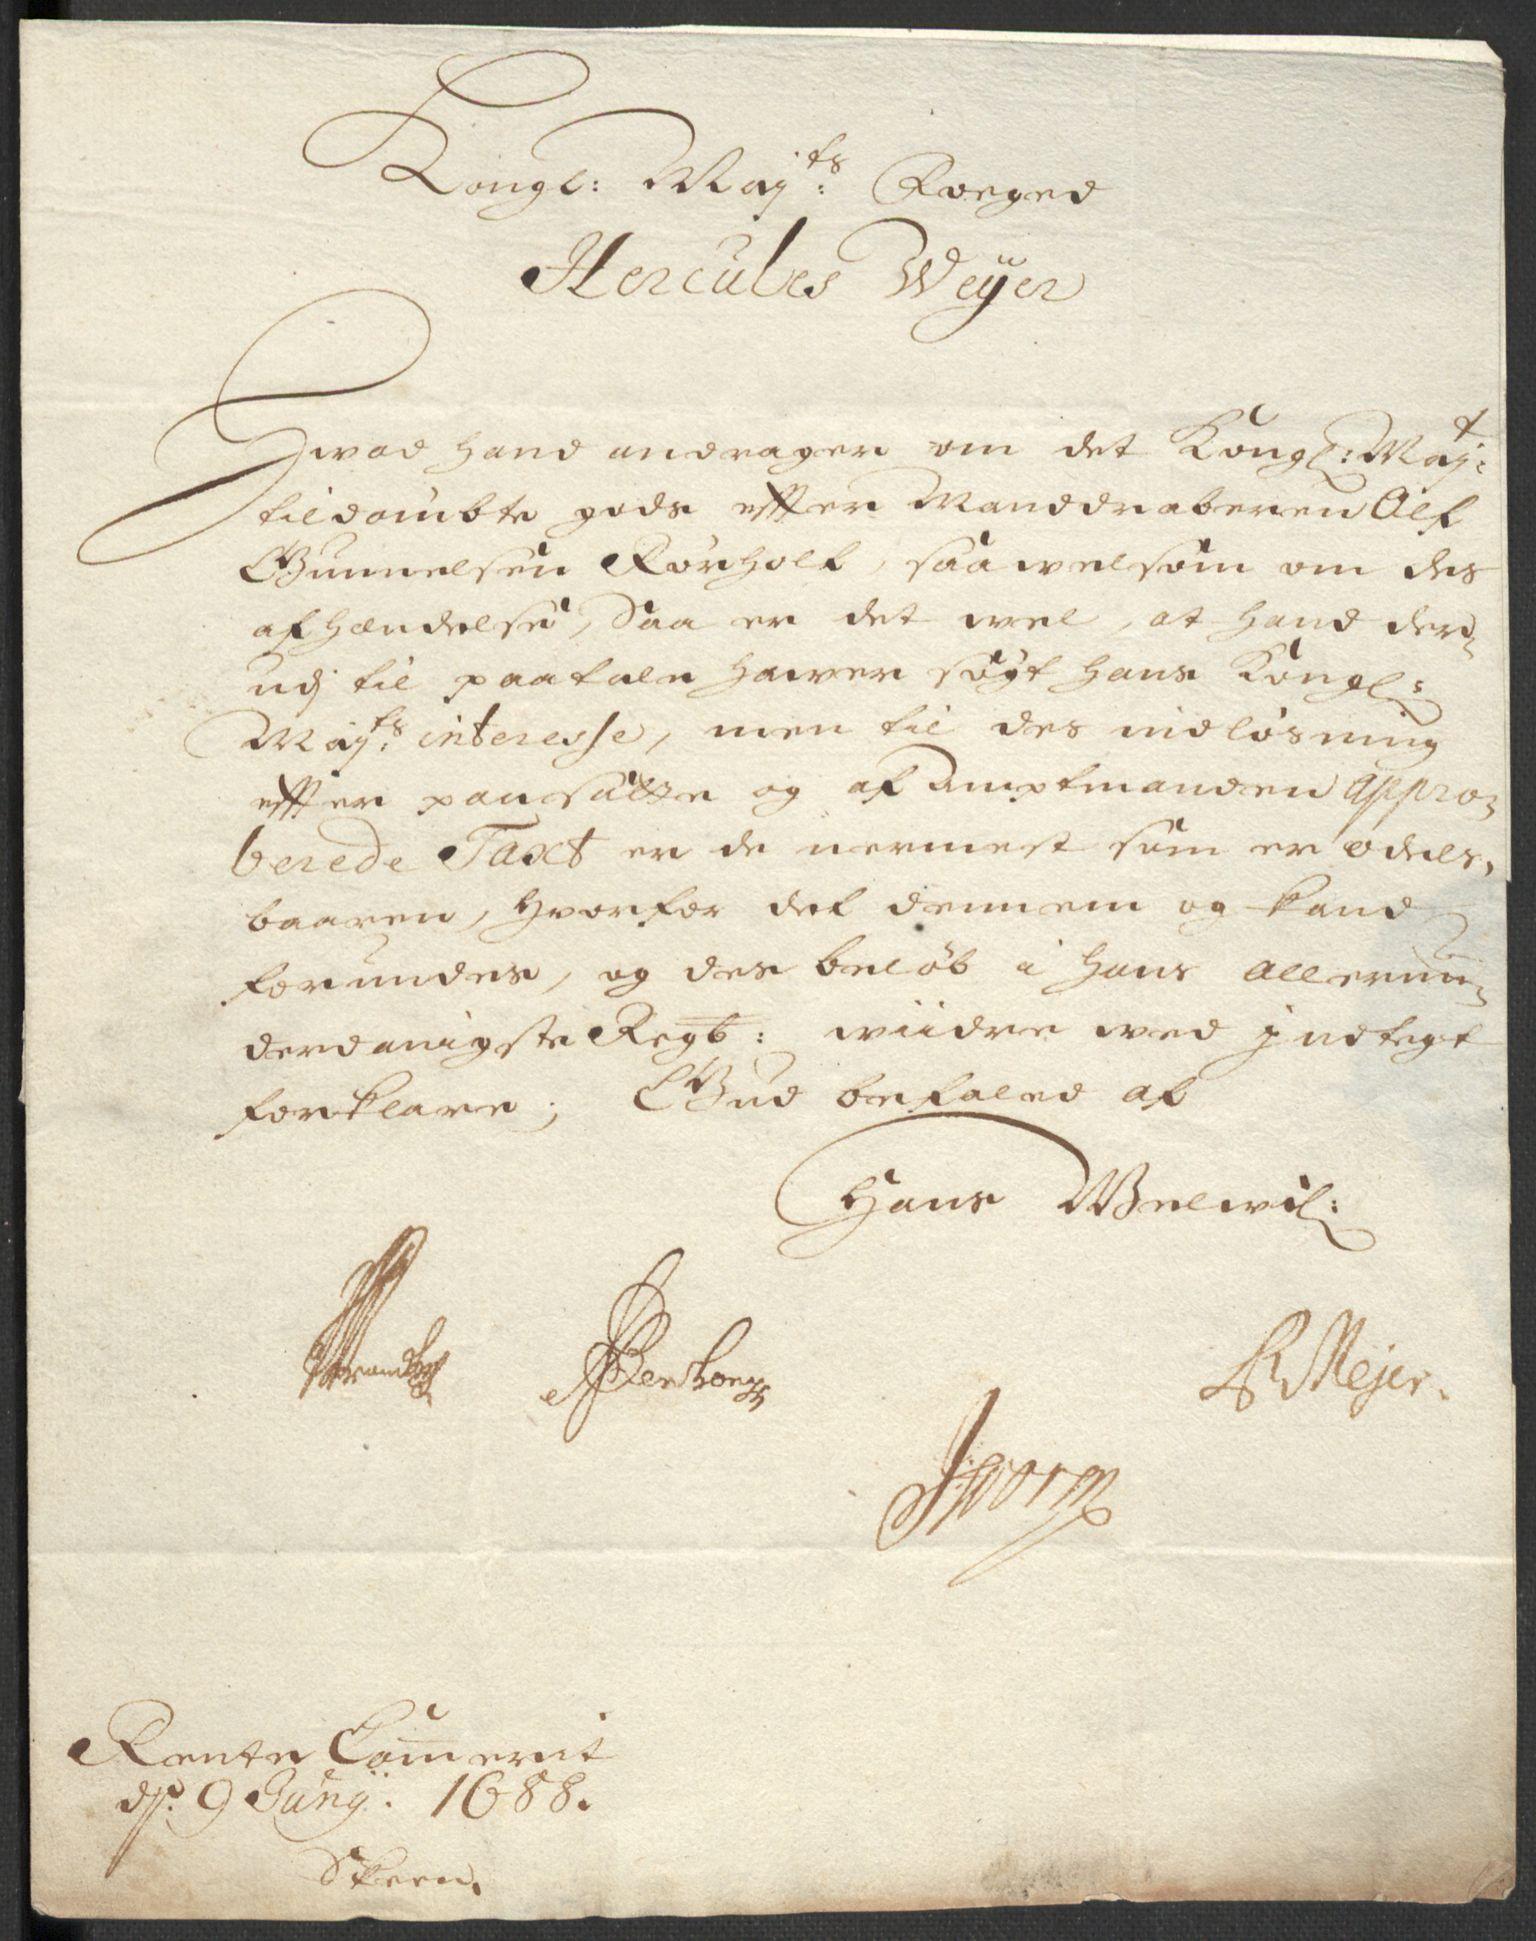 RA, Rentekammeret inntil 1814, Reviderte regnskaper, Fogderegnskap, R35/L2088: Fogderegnskap Øvre og Nedre Telemark, 1687-1689, s. 81